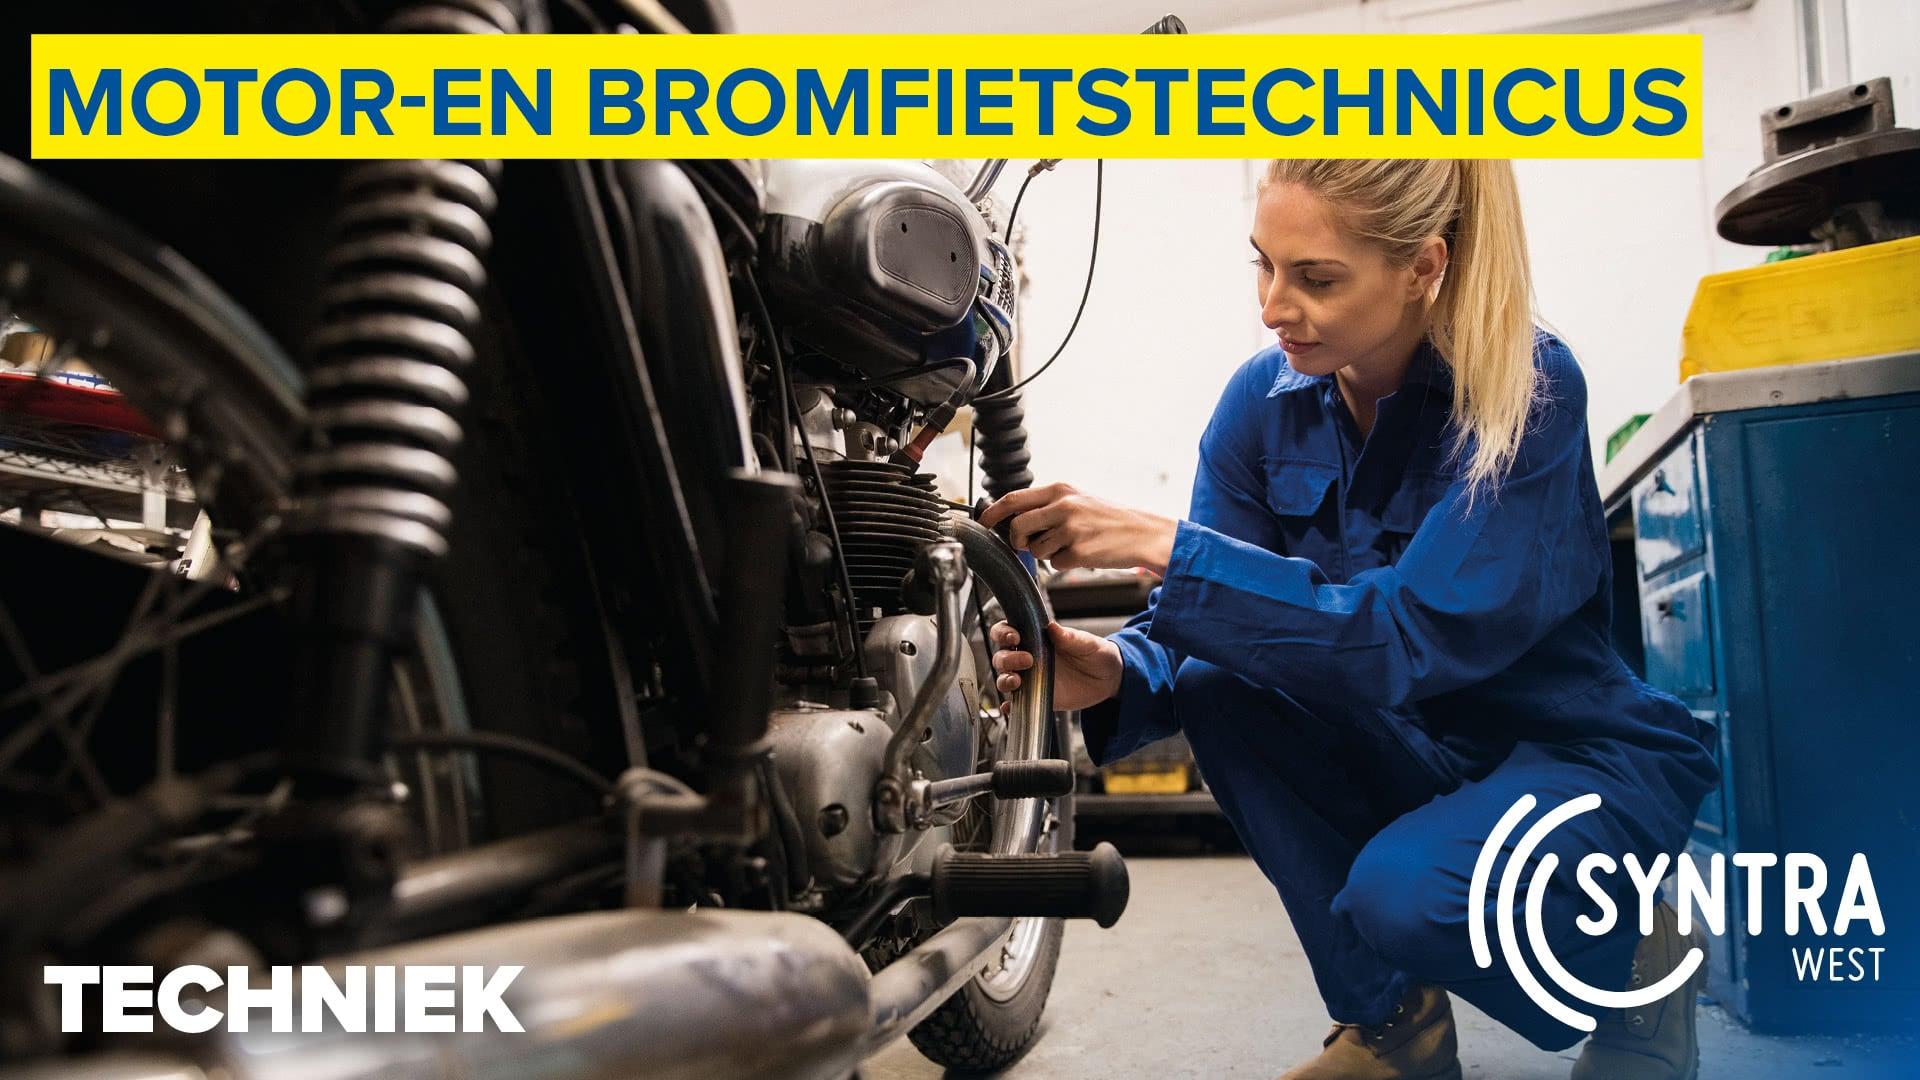 Motor-en bromfietstechnicus